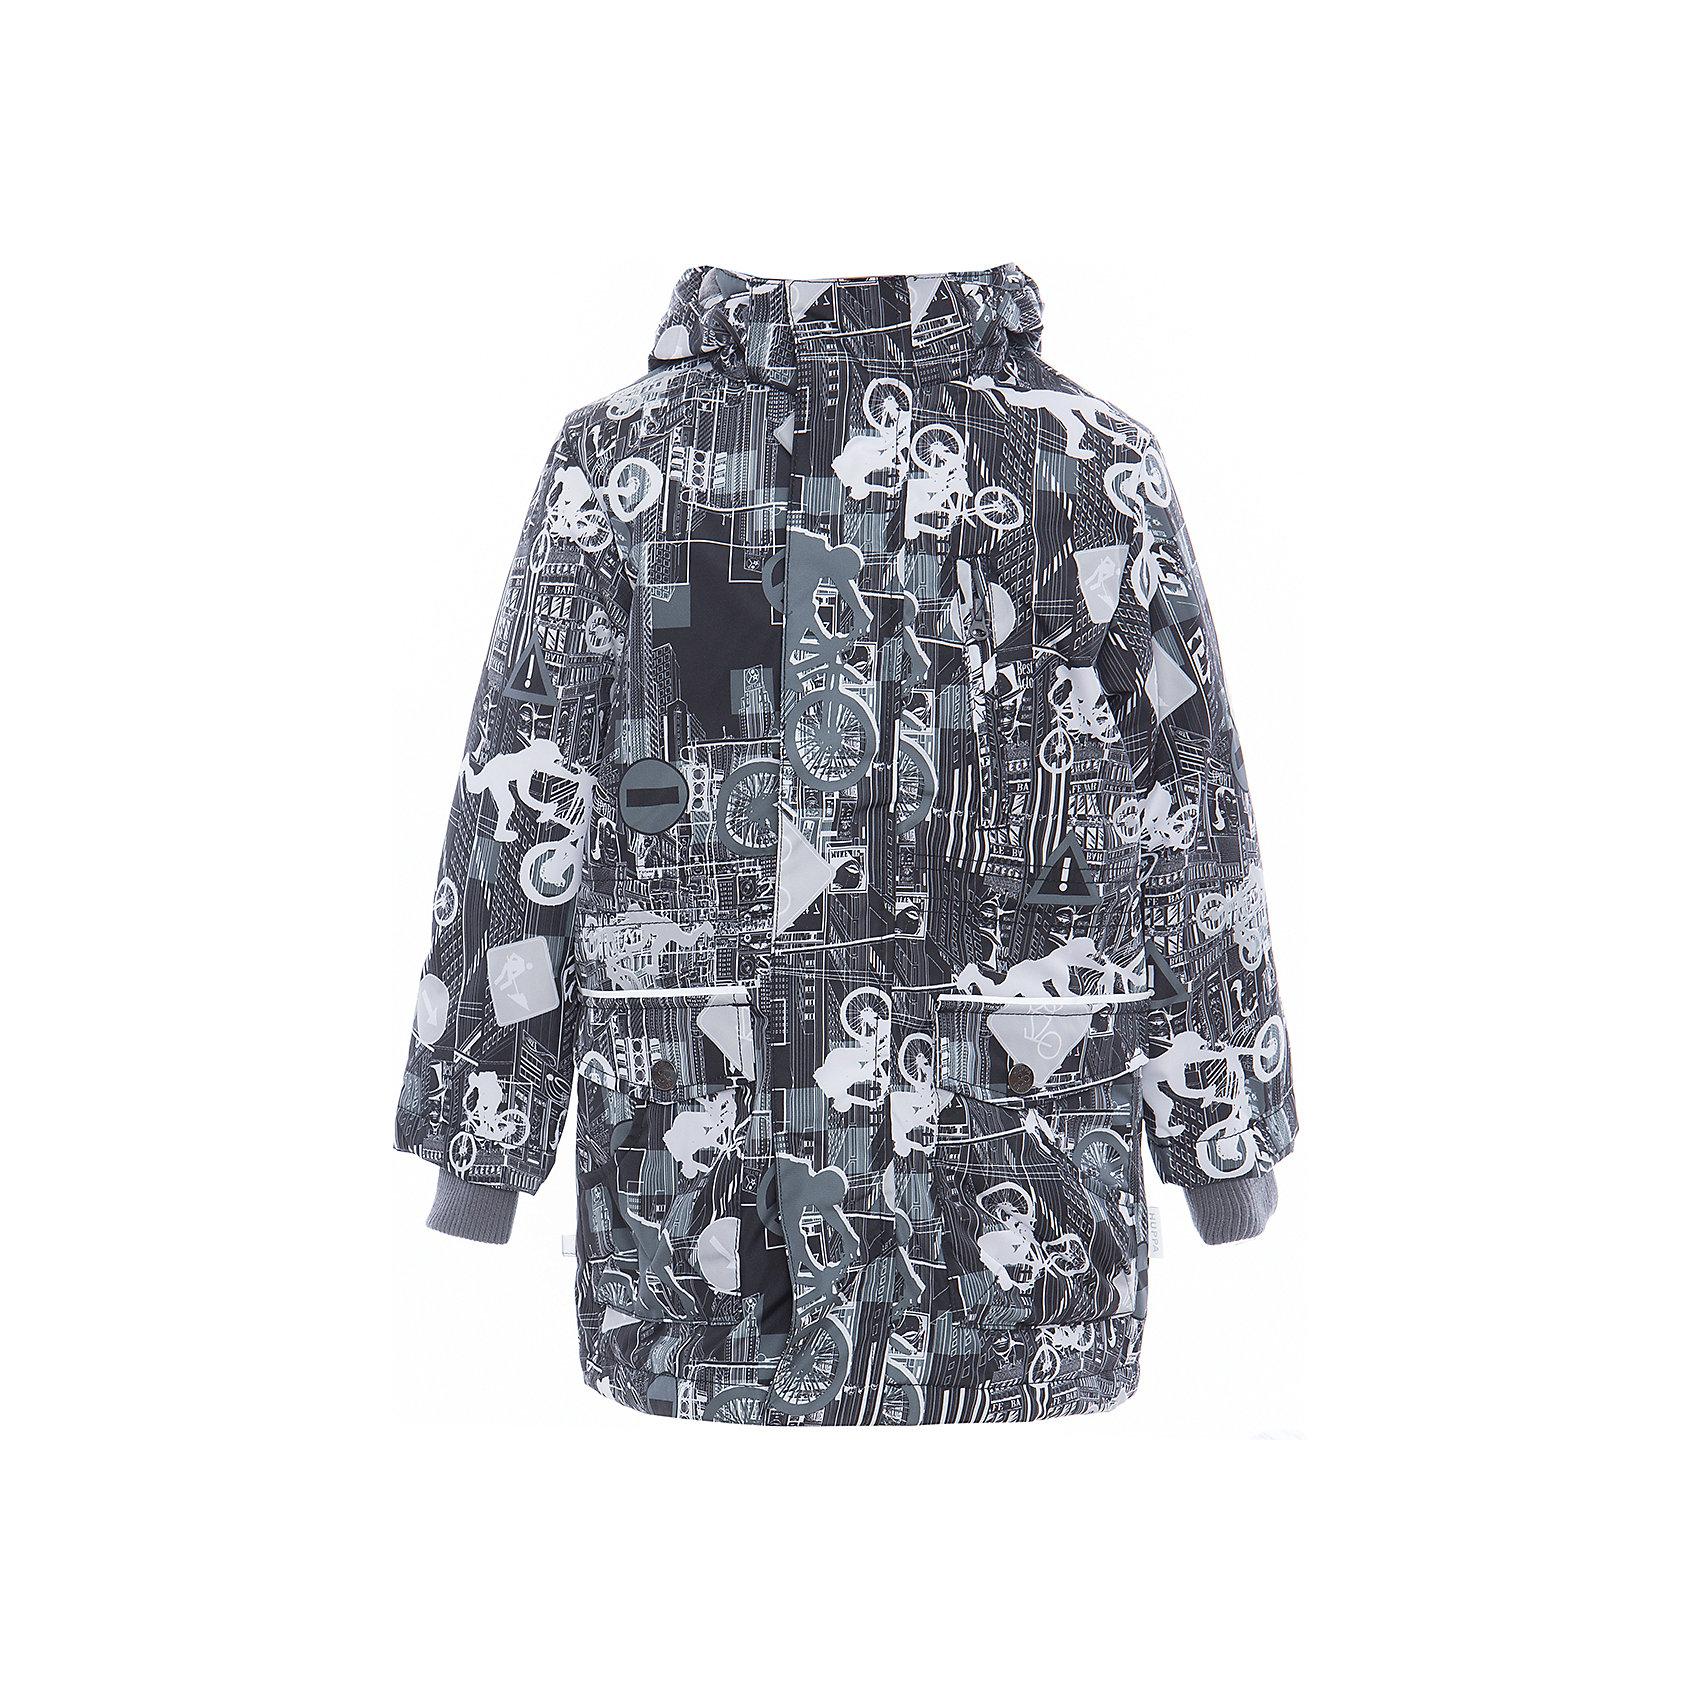 Куртка для мальчика ROLF HuppaДемисезонные куртки<br>Характеристики товара:<br><br>• цвет: серый принт<br>• ткань: 100% полиэстер<br>• подкладка: тафта - 100% полиэстер<br>• утеплитель: 100% полиэстер 100 г<br>• температурный режим: от -5°С до +10°С<br>• водонепроницаемость: 10000 мм<br>• воздухопроницаемость: 10000 мм<br>• светоотражающие детали<br>• эластичные манжеты<br>• молния<br>• плечевые швы проклеены<br>• карманы на молнии<br>• эластичный шнур + фиксатор<br>• съёмный капюшон с резинкой<br>• внутренние вязаные манжеты<br>• комфортная посадка<br>• коллекция: весна-лето 2017<br>• страна бренда: Эстония<br><br>Эта стильная куртка обеспечит детям тепло и комфорт. Она сделана из материала, отталкивающего воду, и дополнено подкладкой с утеплителем, поэтому изделие идеально подходит для межсезонья. Материал изделия - с мембранной технологией: защищая от влаги и ветра, он легко выводит лишнюю влагу наружу. Для удобства сделан капюшон. Куртка очень симпатично смотрится, яркая расцветка и крой добавляют ему оригинальности. Модель была разработана специально для детей.<br><br>Одежда и обувь от популярного эстонского бренда Huppa - отличный вариант одеть ребенка можно и комфортно. Вещи, выпускаемые компанией, качественные, продуманные и очень удобные. Для производства изделий используются только безопасные для детей материалы. Продукция от Huppa порадует и детей, и их родителей!<br><br>Куртку для мальчика ROLF от бренда Huppa (Хуппа) можно купить в нашем интернет-магазине.<br><br>Ширина мм: 356<br>Глубина мм: 10<br>Высота мм: 245<br>Вес г: 519<br>Цвет: черный<br>Возраст от месяцев: 144<br>Возраст до месяцев: 156<br>Пол: Мужской<br>Возраст: Детский<br>Размер: 158,104,110,116,122,128,134,140,146,152<br>SKU: 5347088